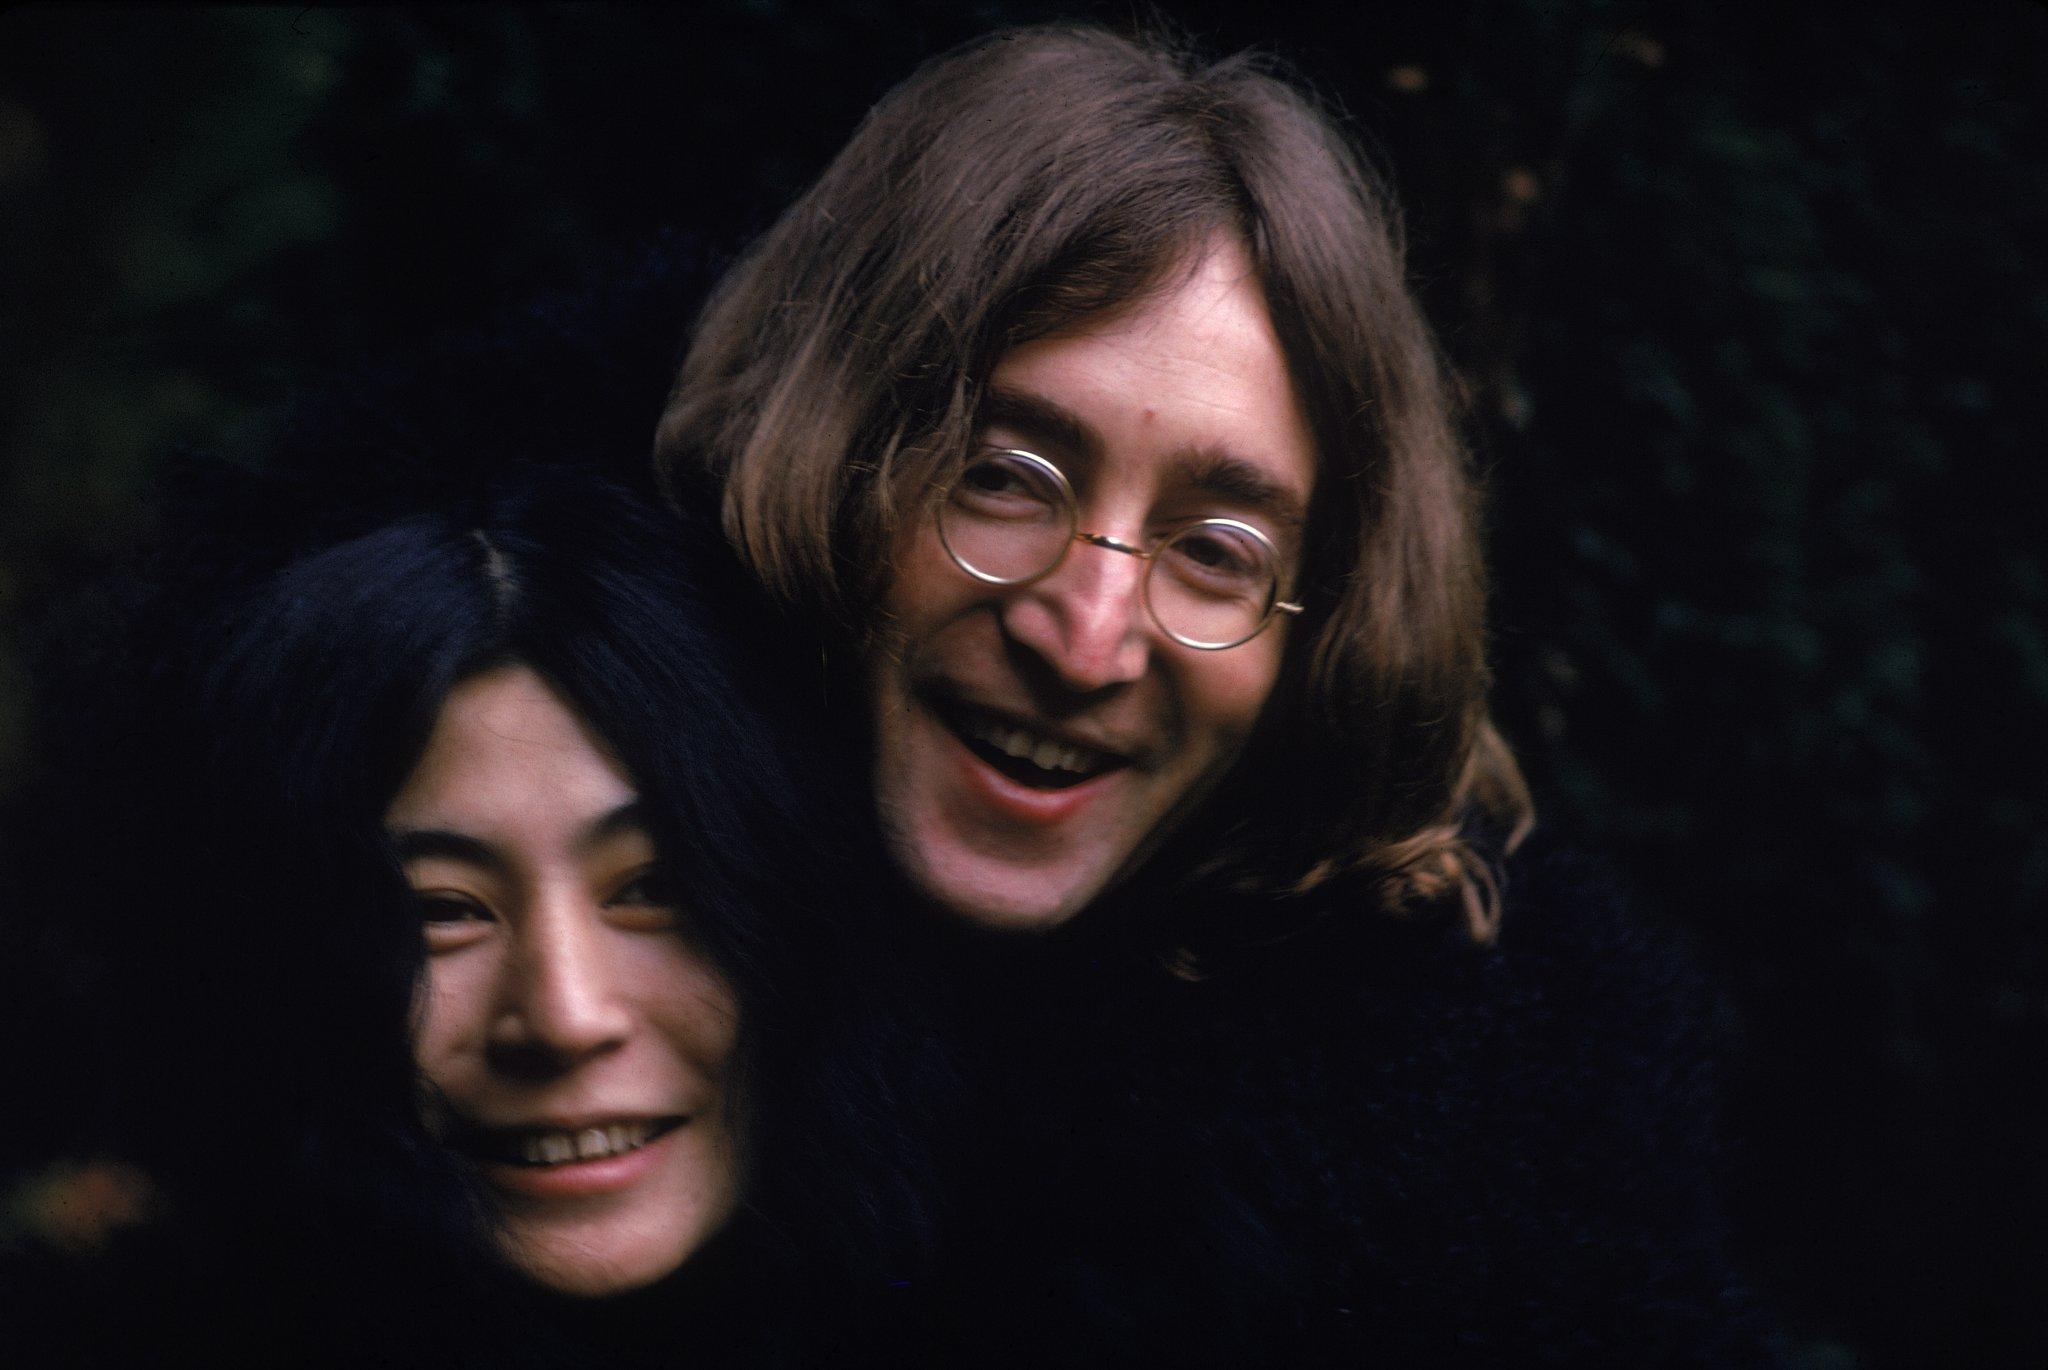 John's Last Days: A Remembrance by Yoko Ono